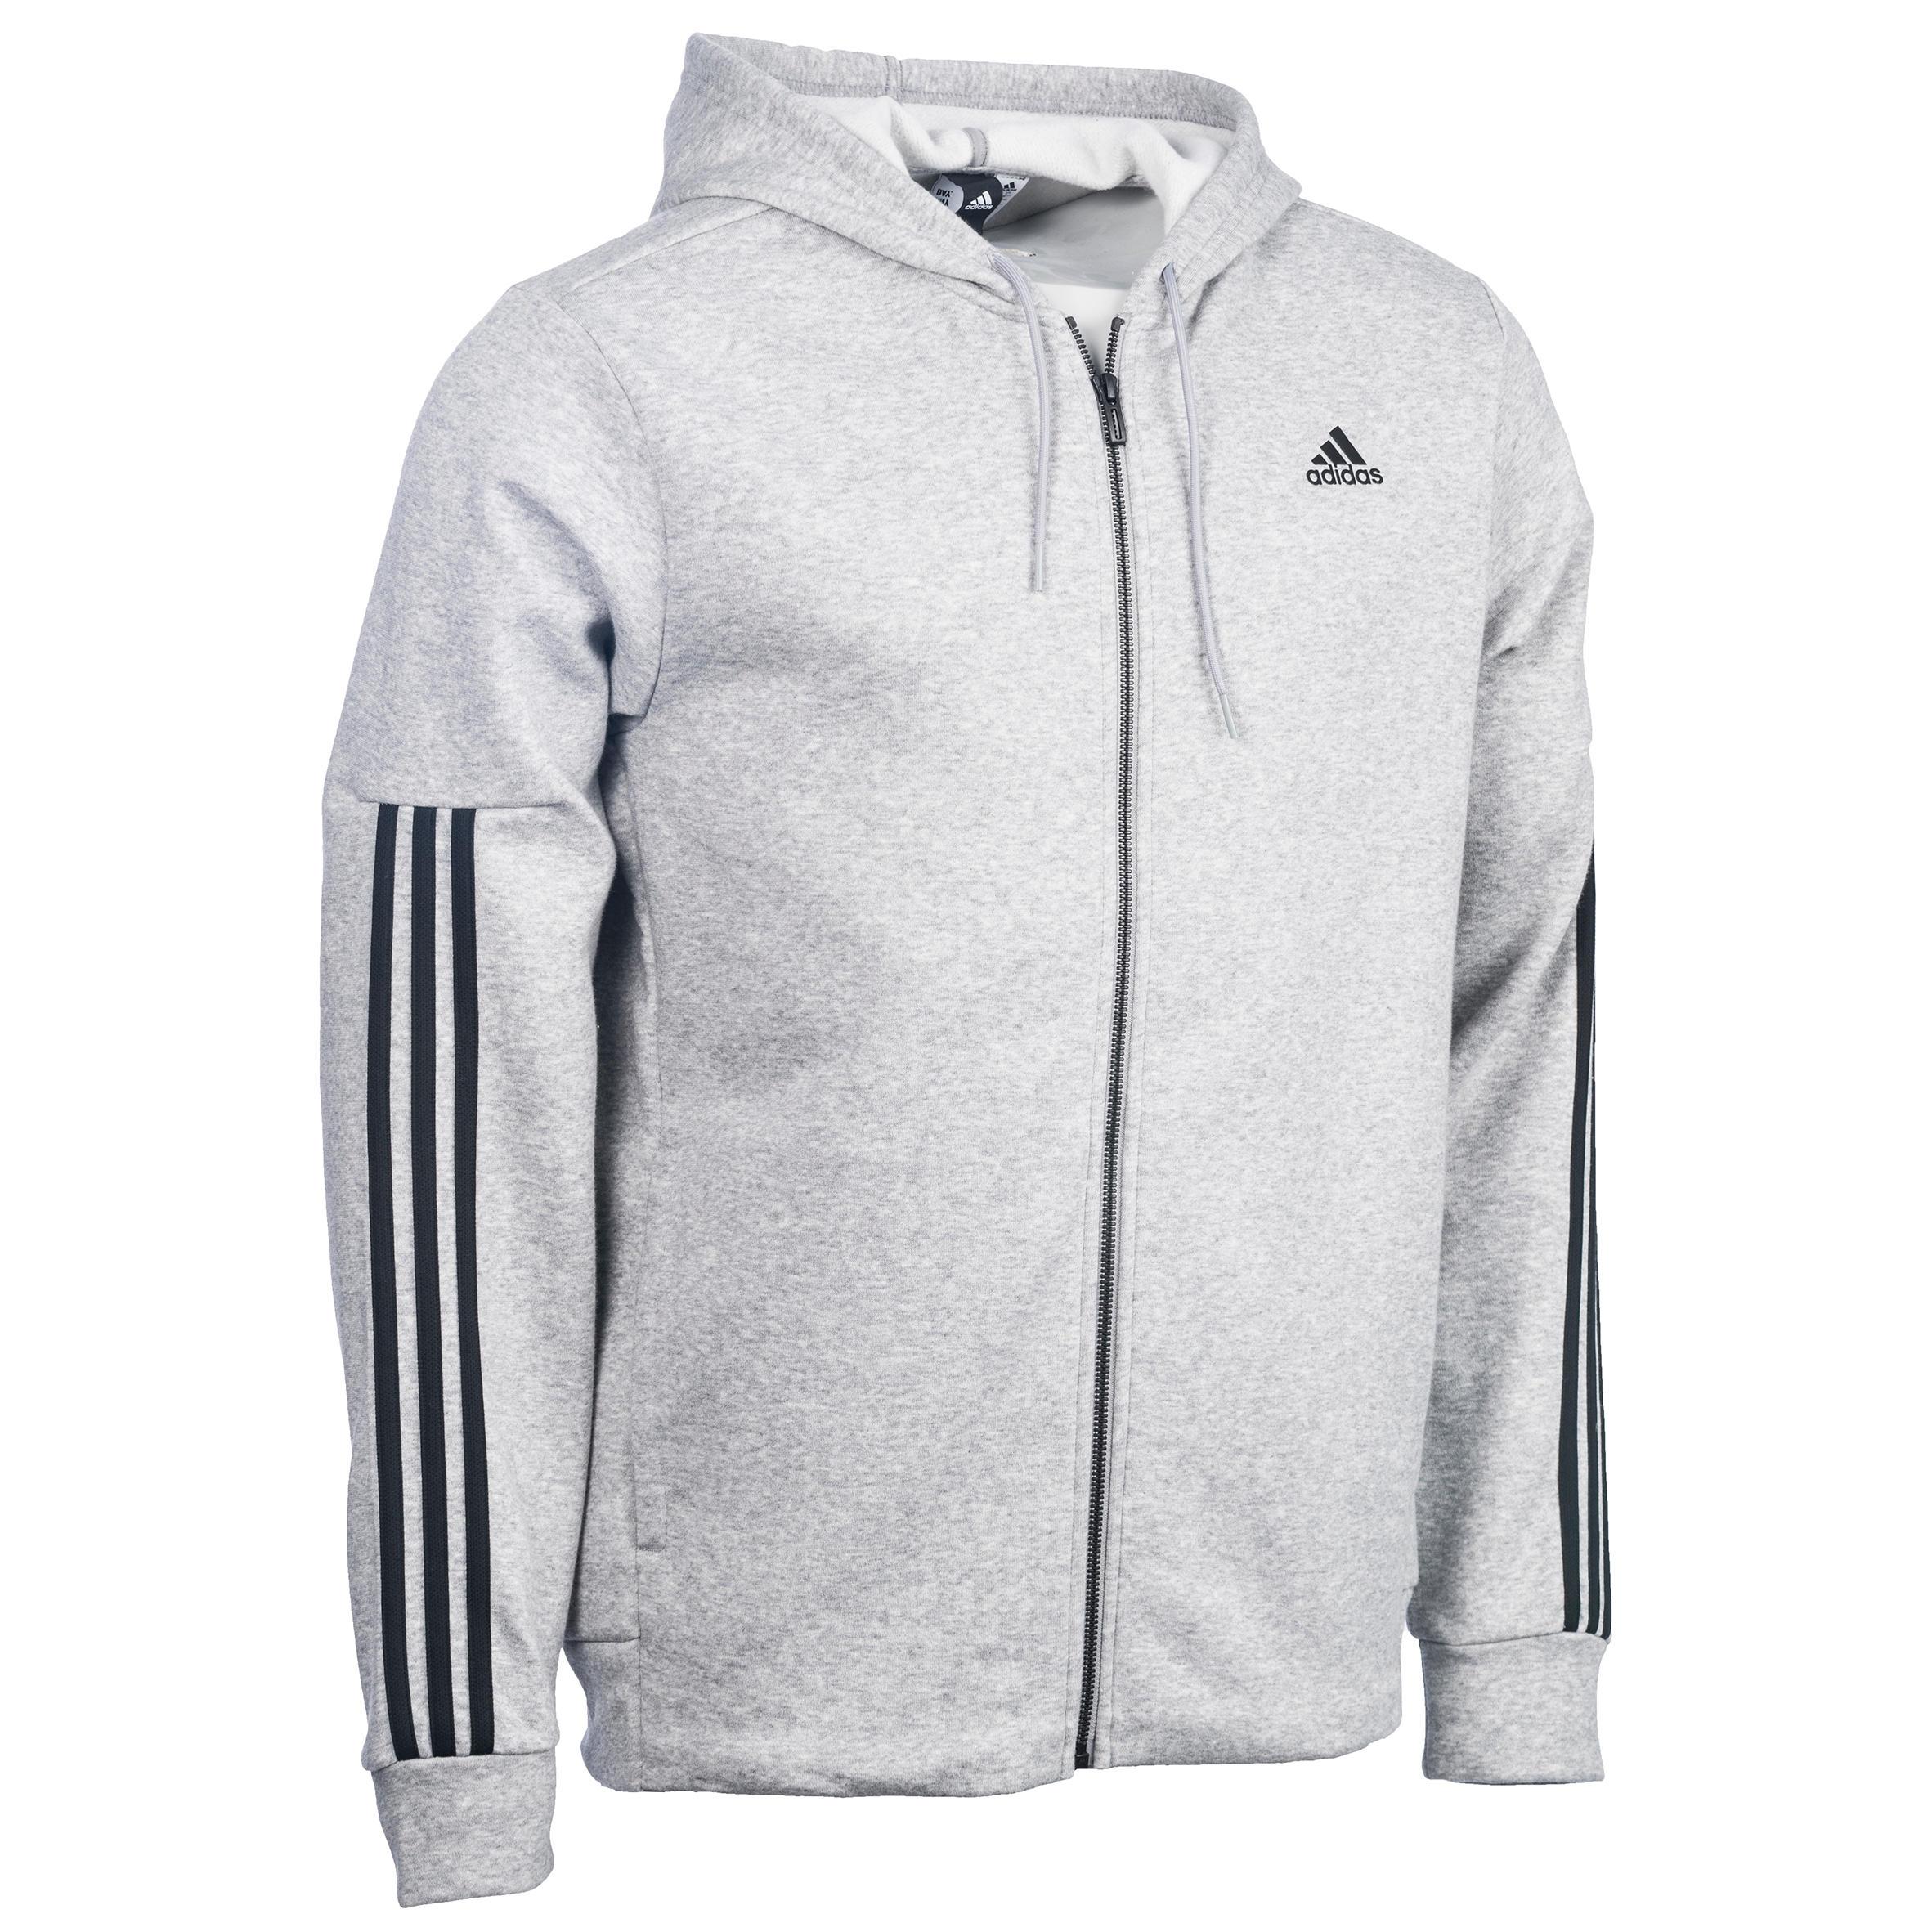 Adidas Heren hoodie met rits Adidas voor gym en pilates 3 strepen